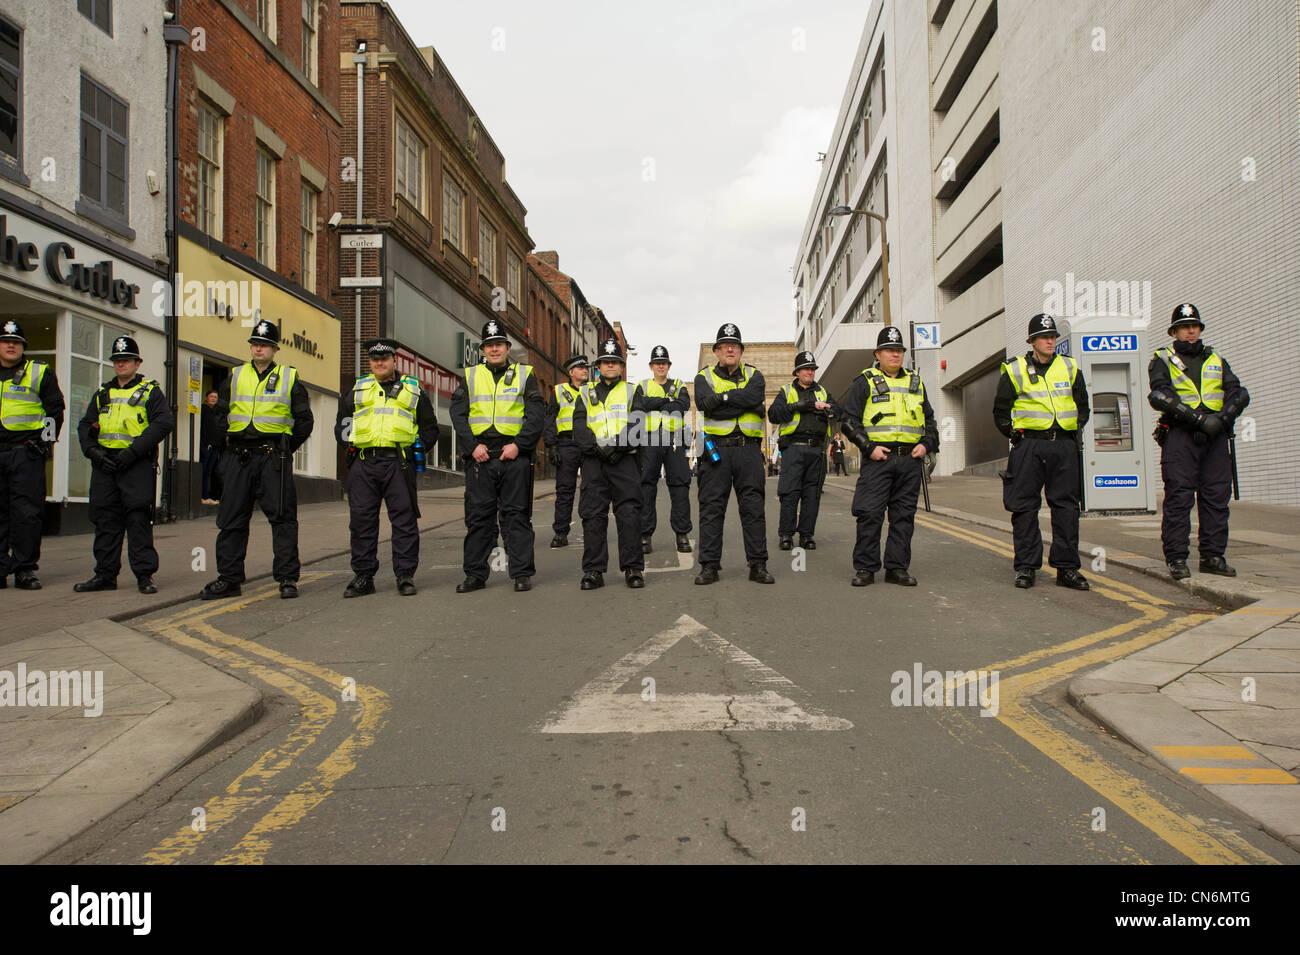 Cordone di polizia per i liberali democratici Conferenza a Sheffield Immagini Stock